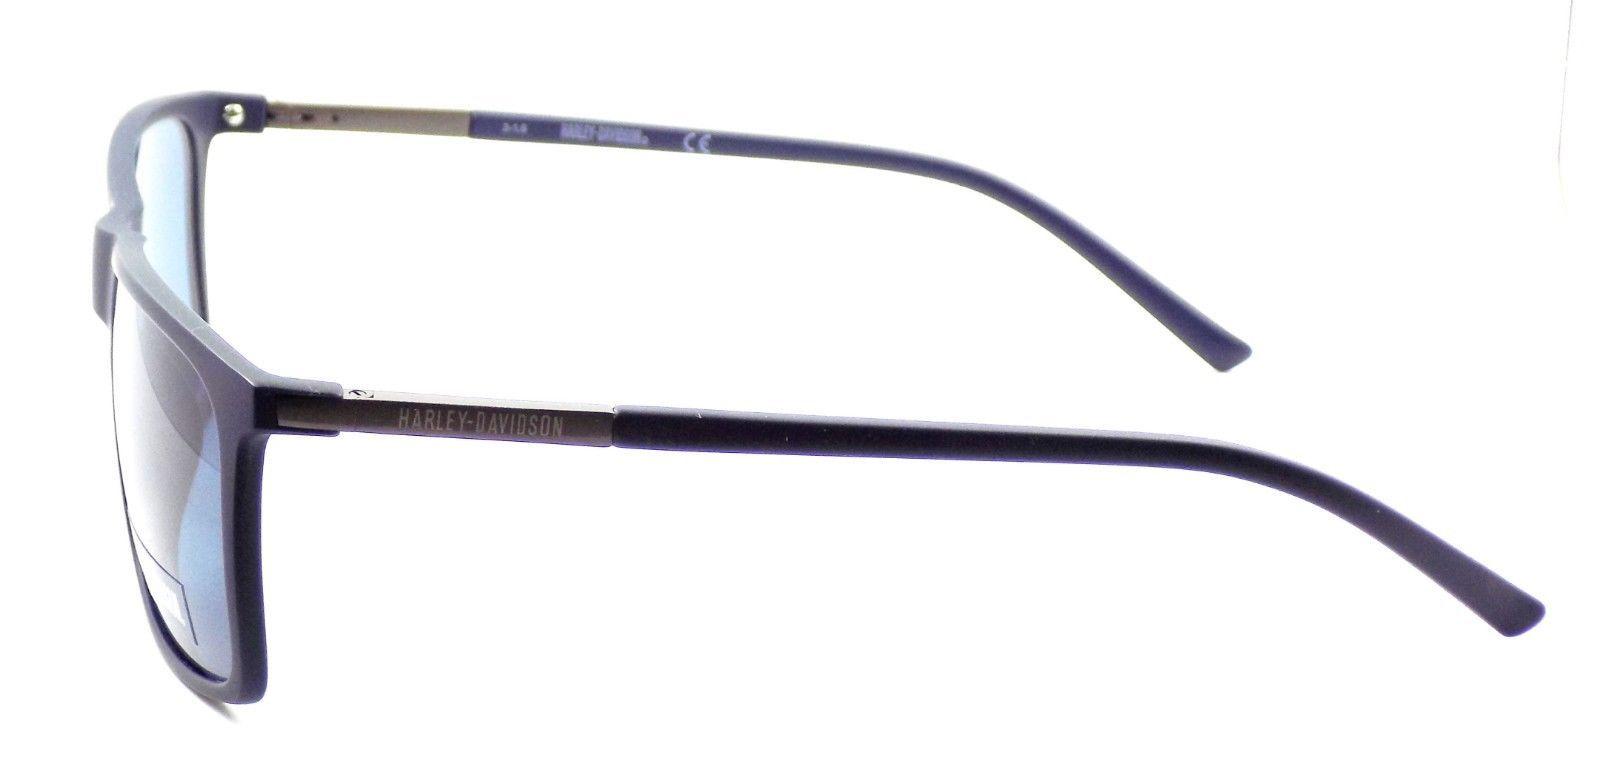 Harley Davidson HD0910X 91V Men's Sunglasses Blue 57-17-140 Blue Lens + CASE